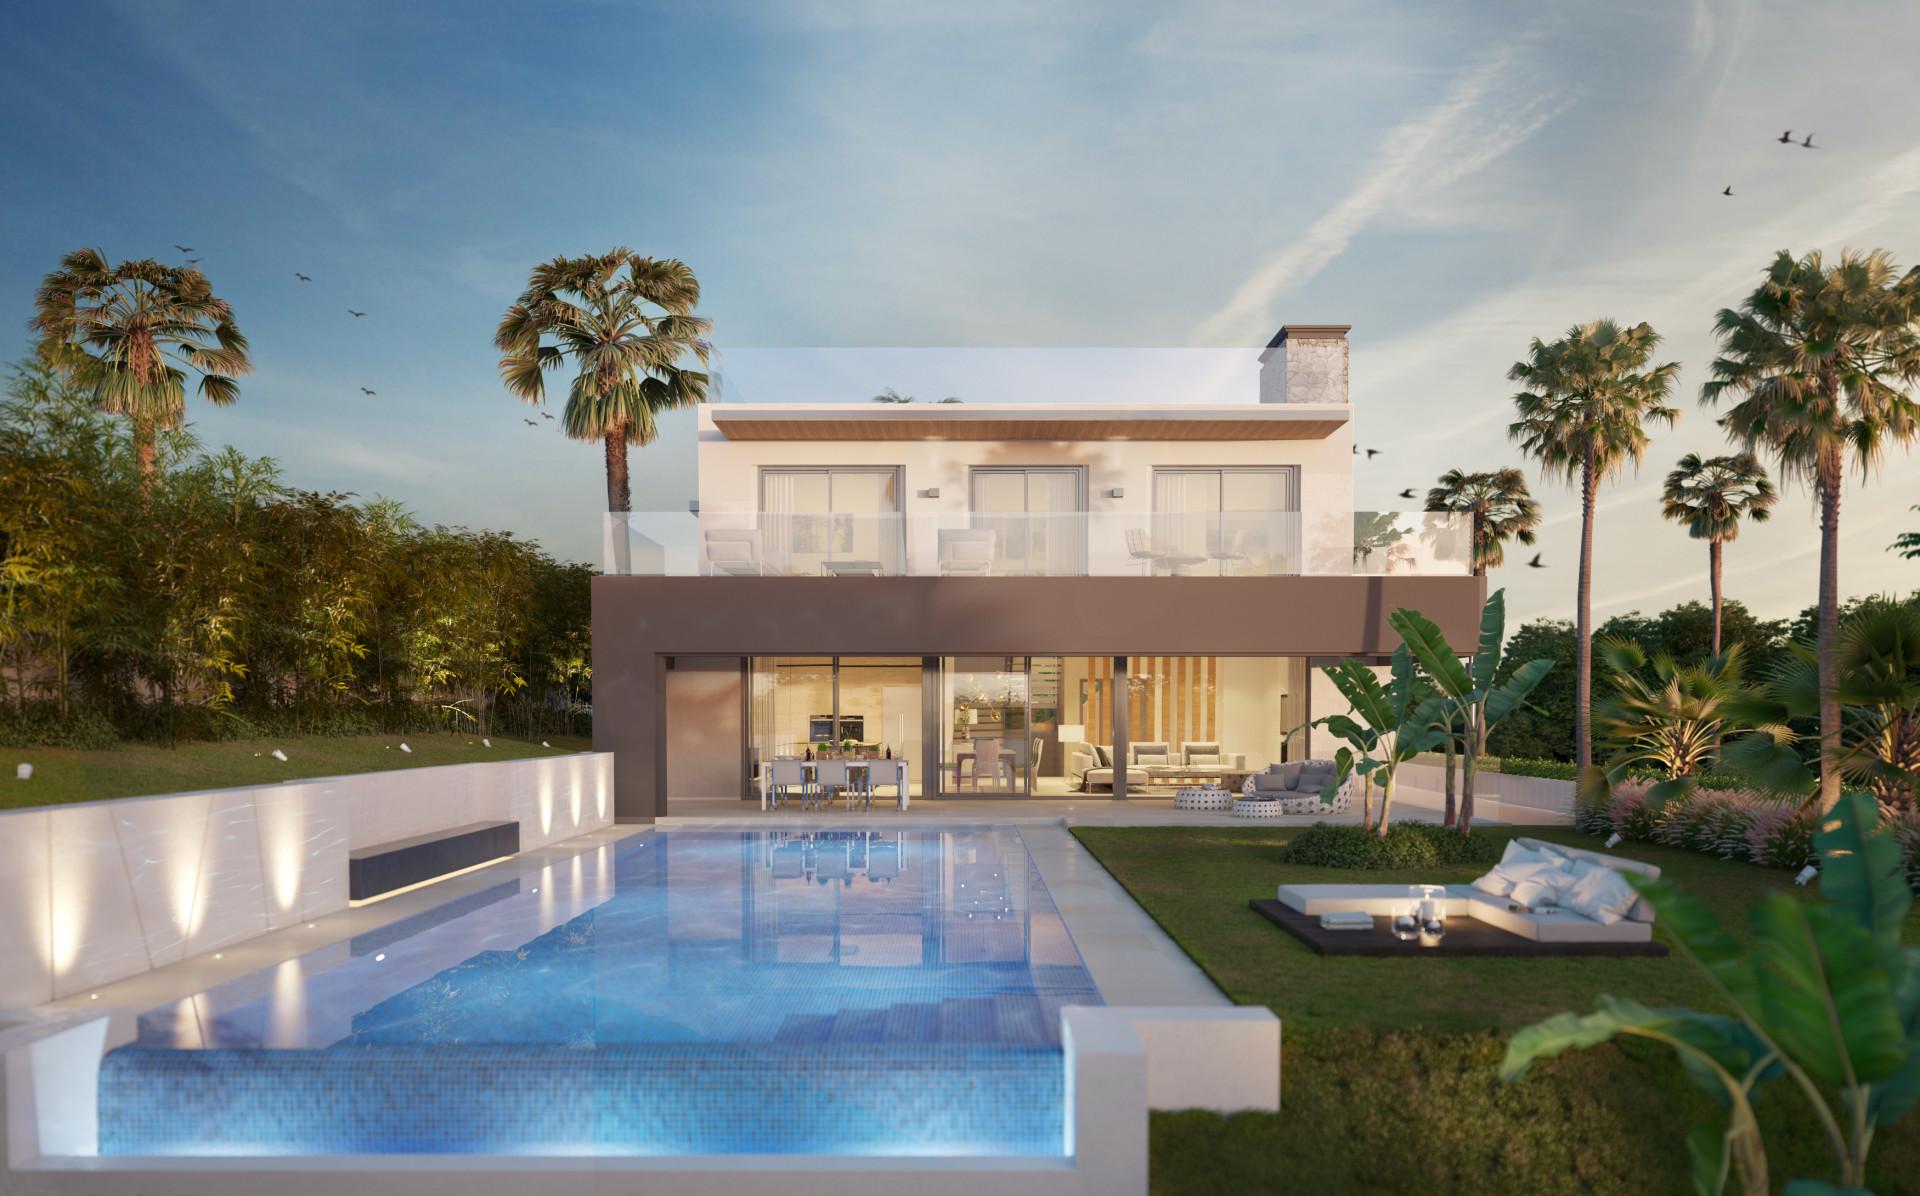 Modern luxury villa for sale in La Cerquilla - Nueva Andalucía – Marbella